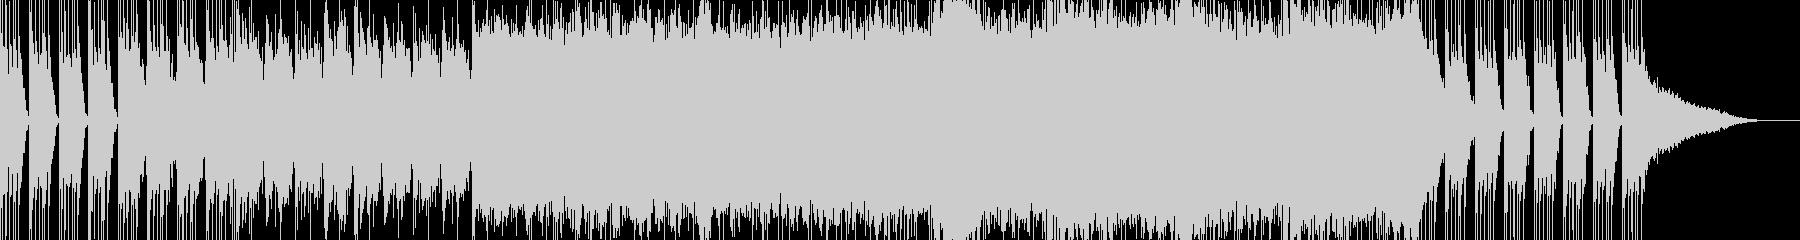 ヘヴィなBGMです。シリアスなシーンに。の未再生の波形